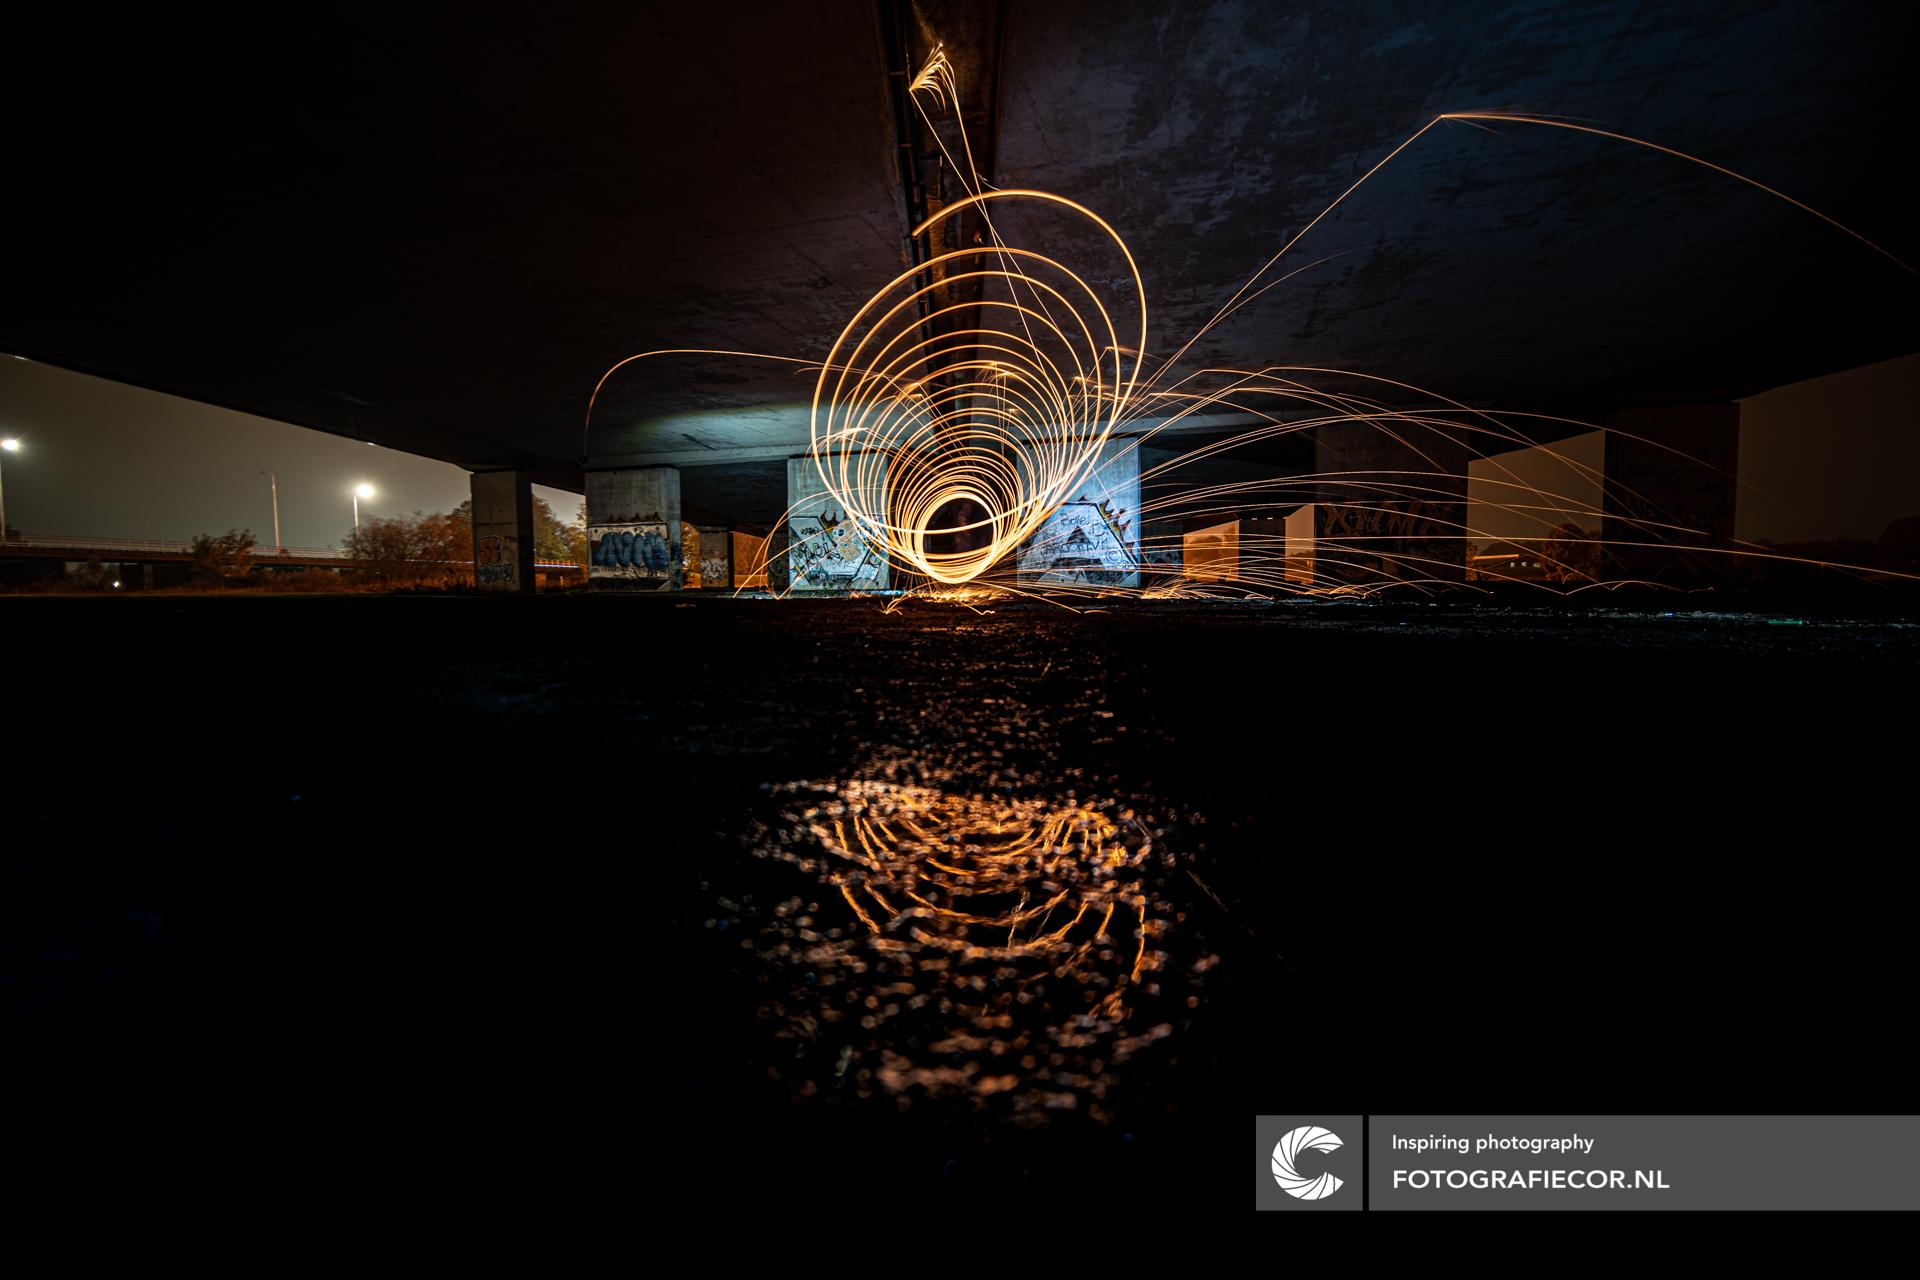 Workshop staalwol fotografie long exposure